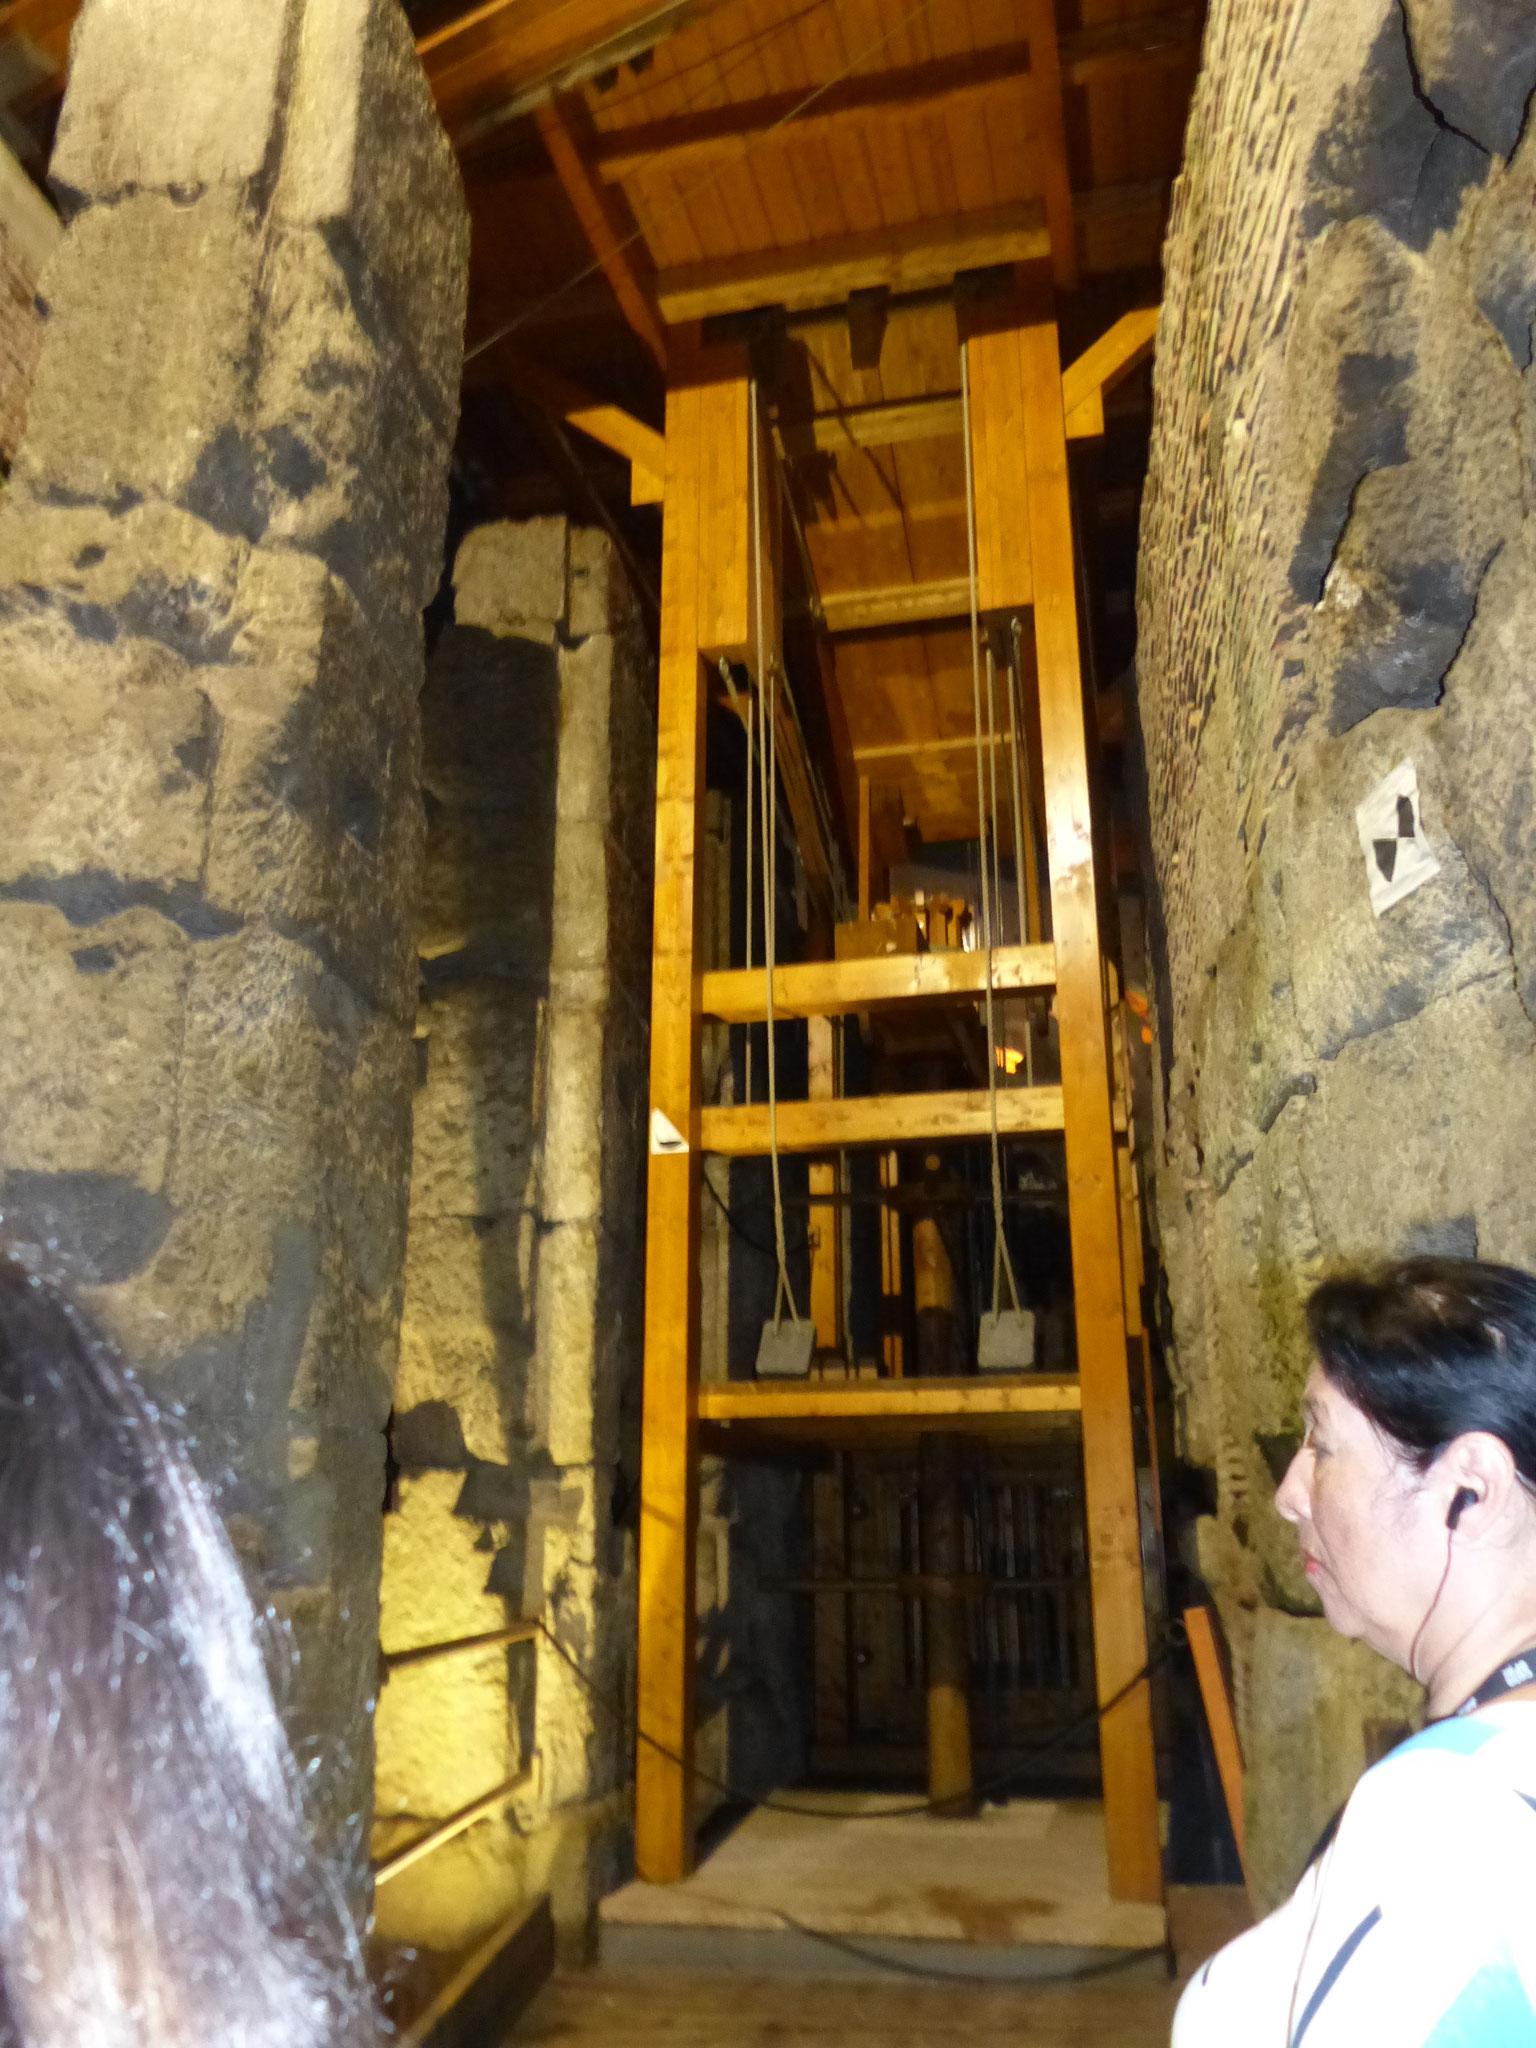 nachgebauter Fahrstuhl von unten